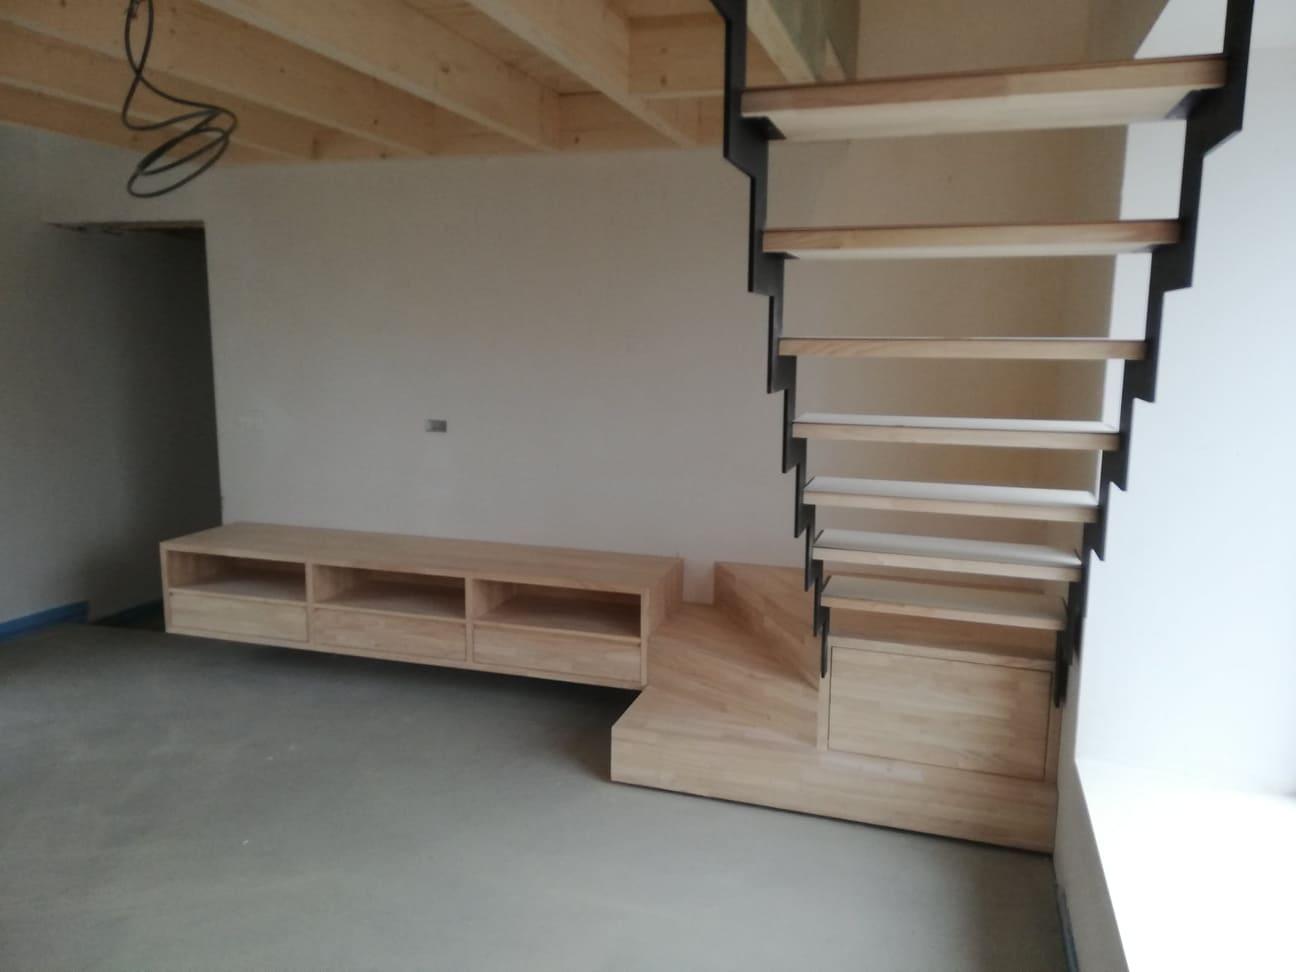 meuble tv et escalier bois metal en